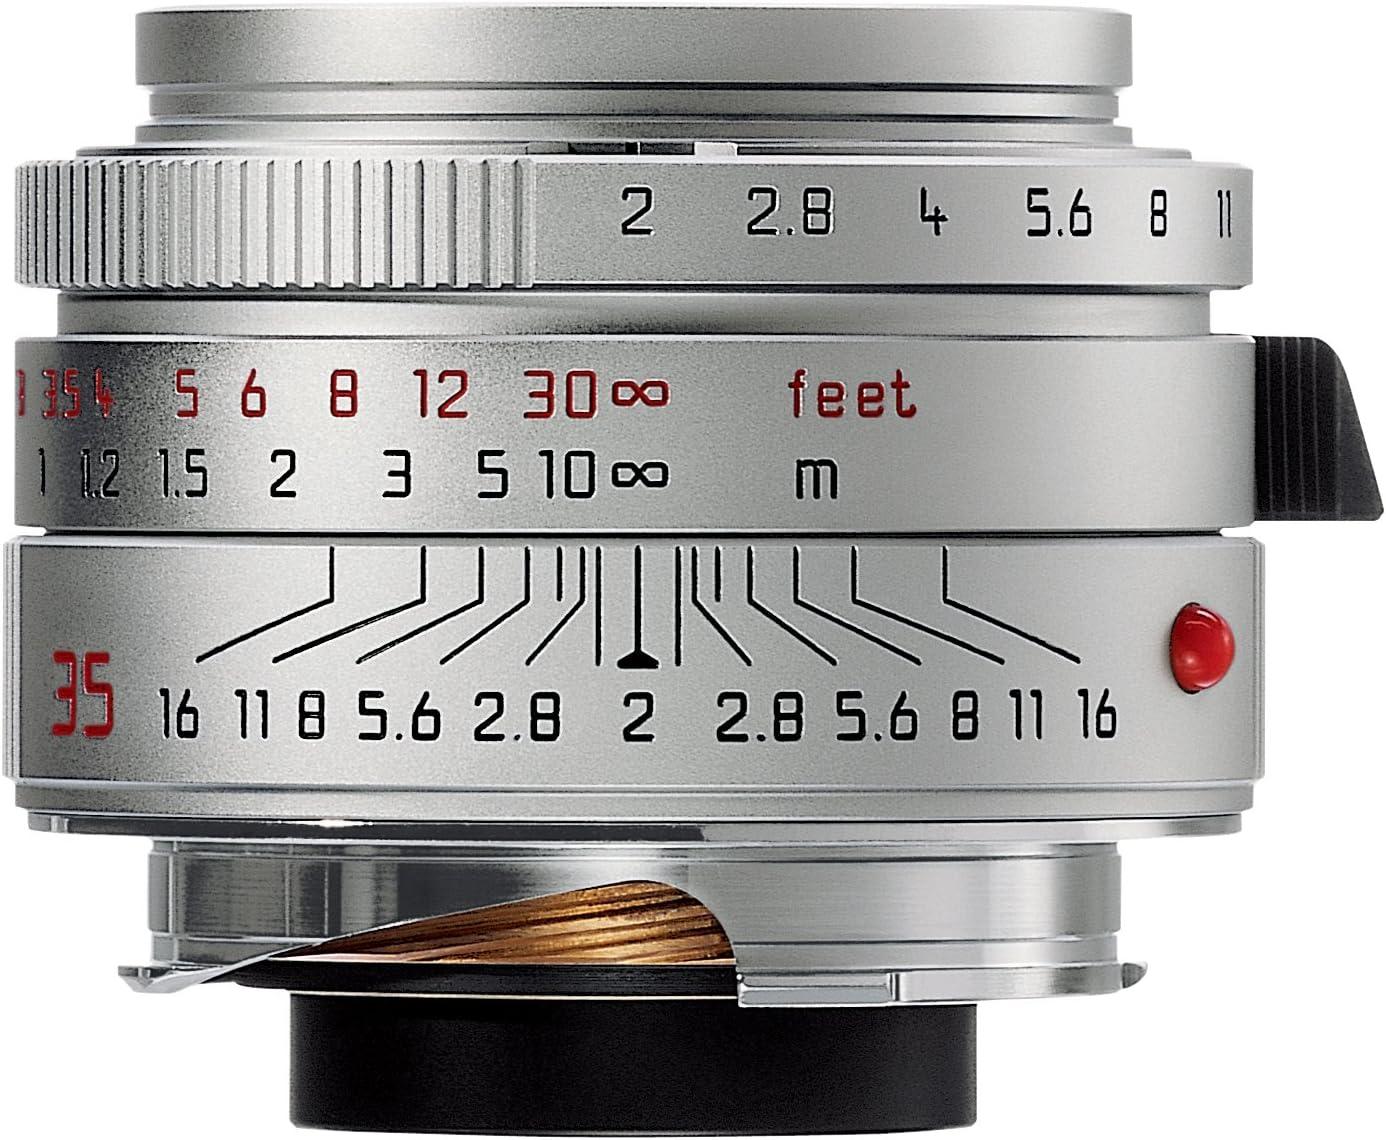 Leica 35mm / f2.0 Summicron-M Aspherical  Manual Focus Len (11882)